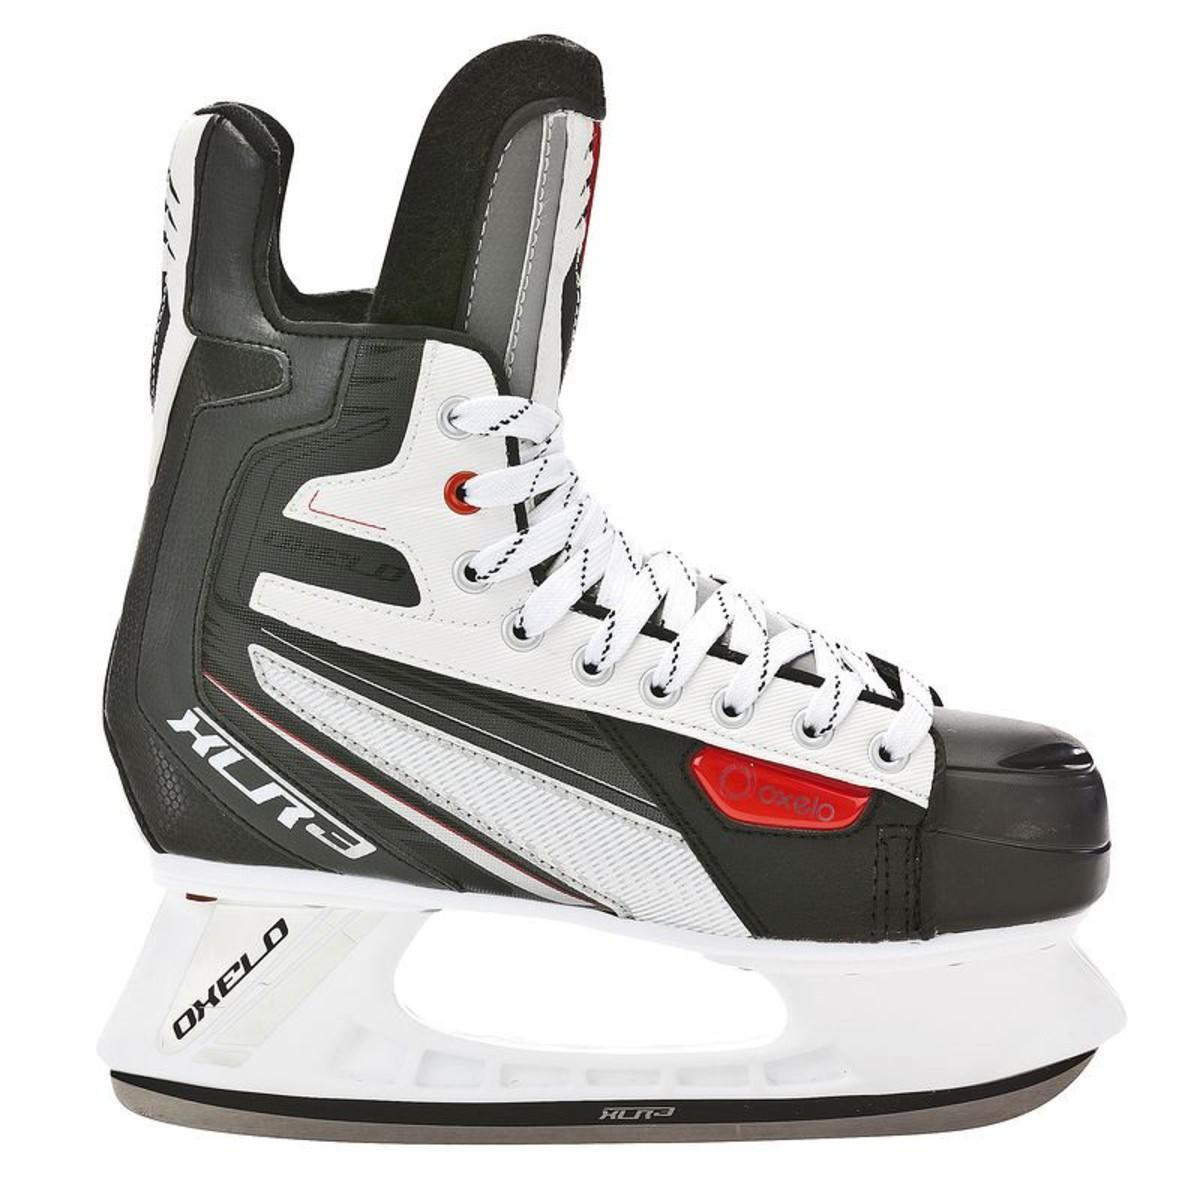 Bild 2 von OXELO Eishockey-Schlittschuhe XLR 3 Erwachsene , Größe: 41